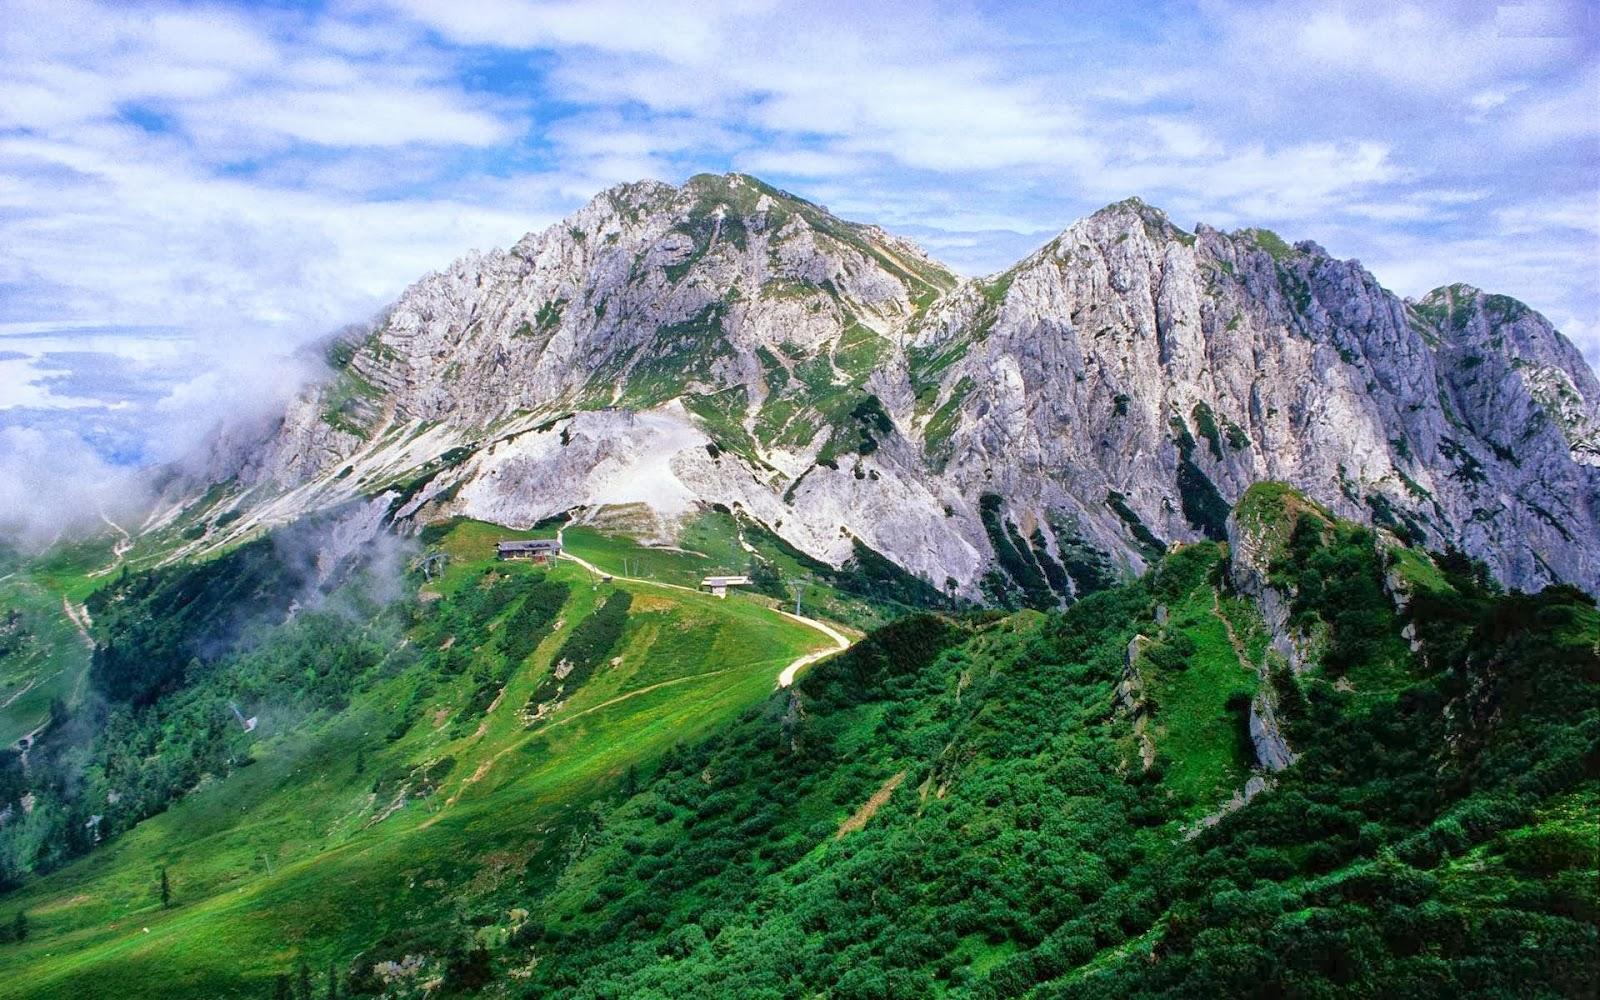 hd wallpaper mountain drive - photo #7